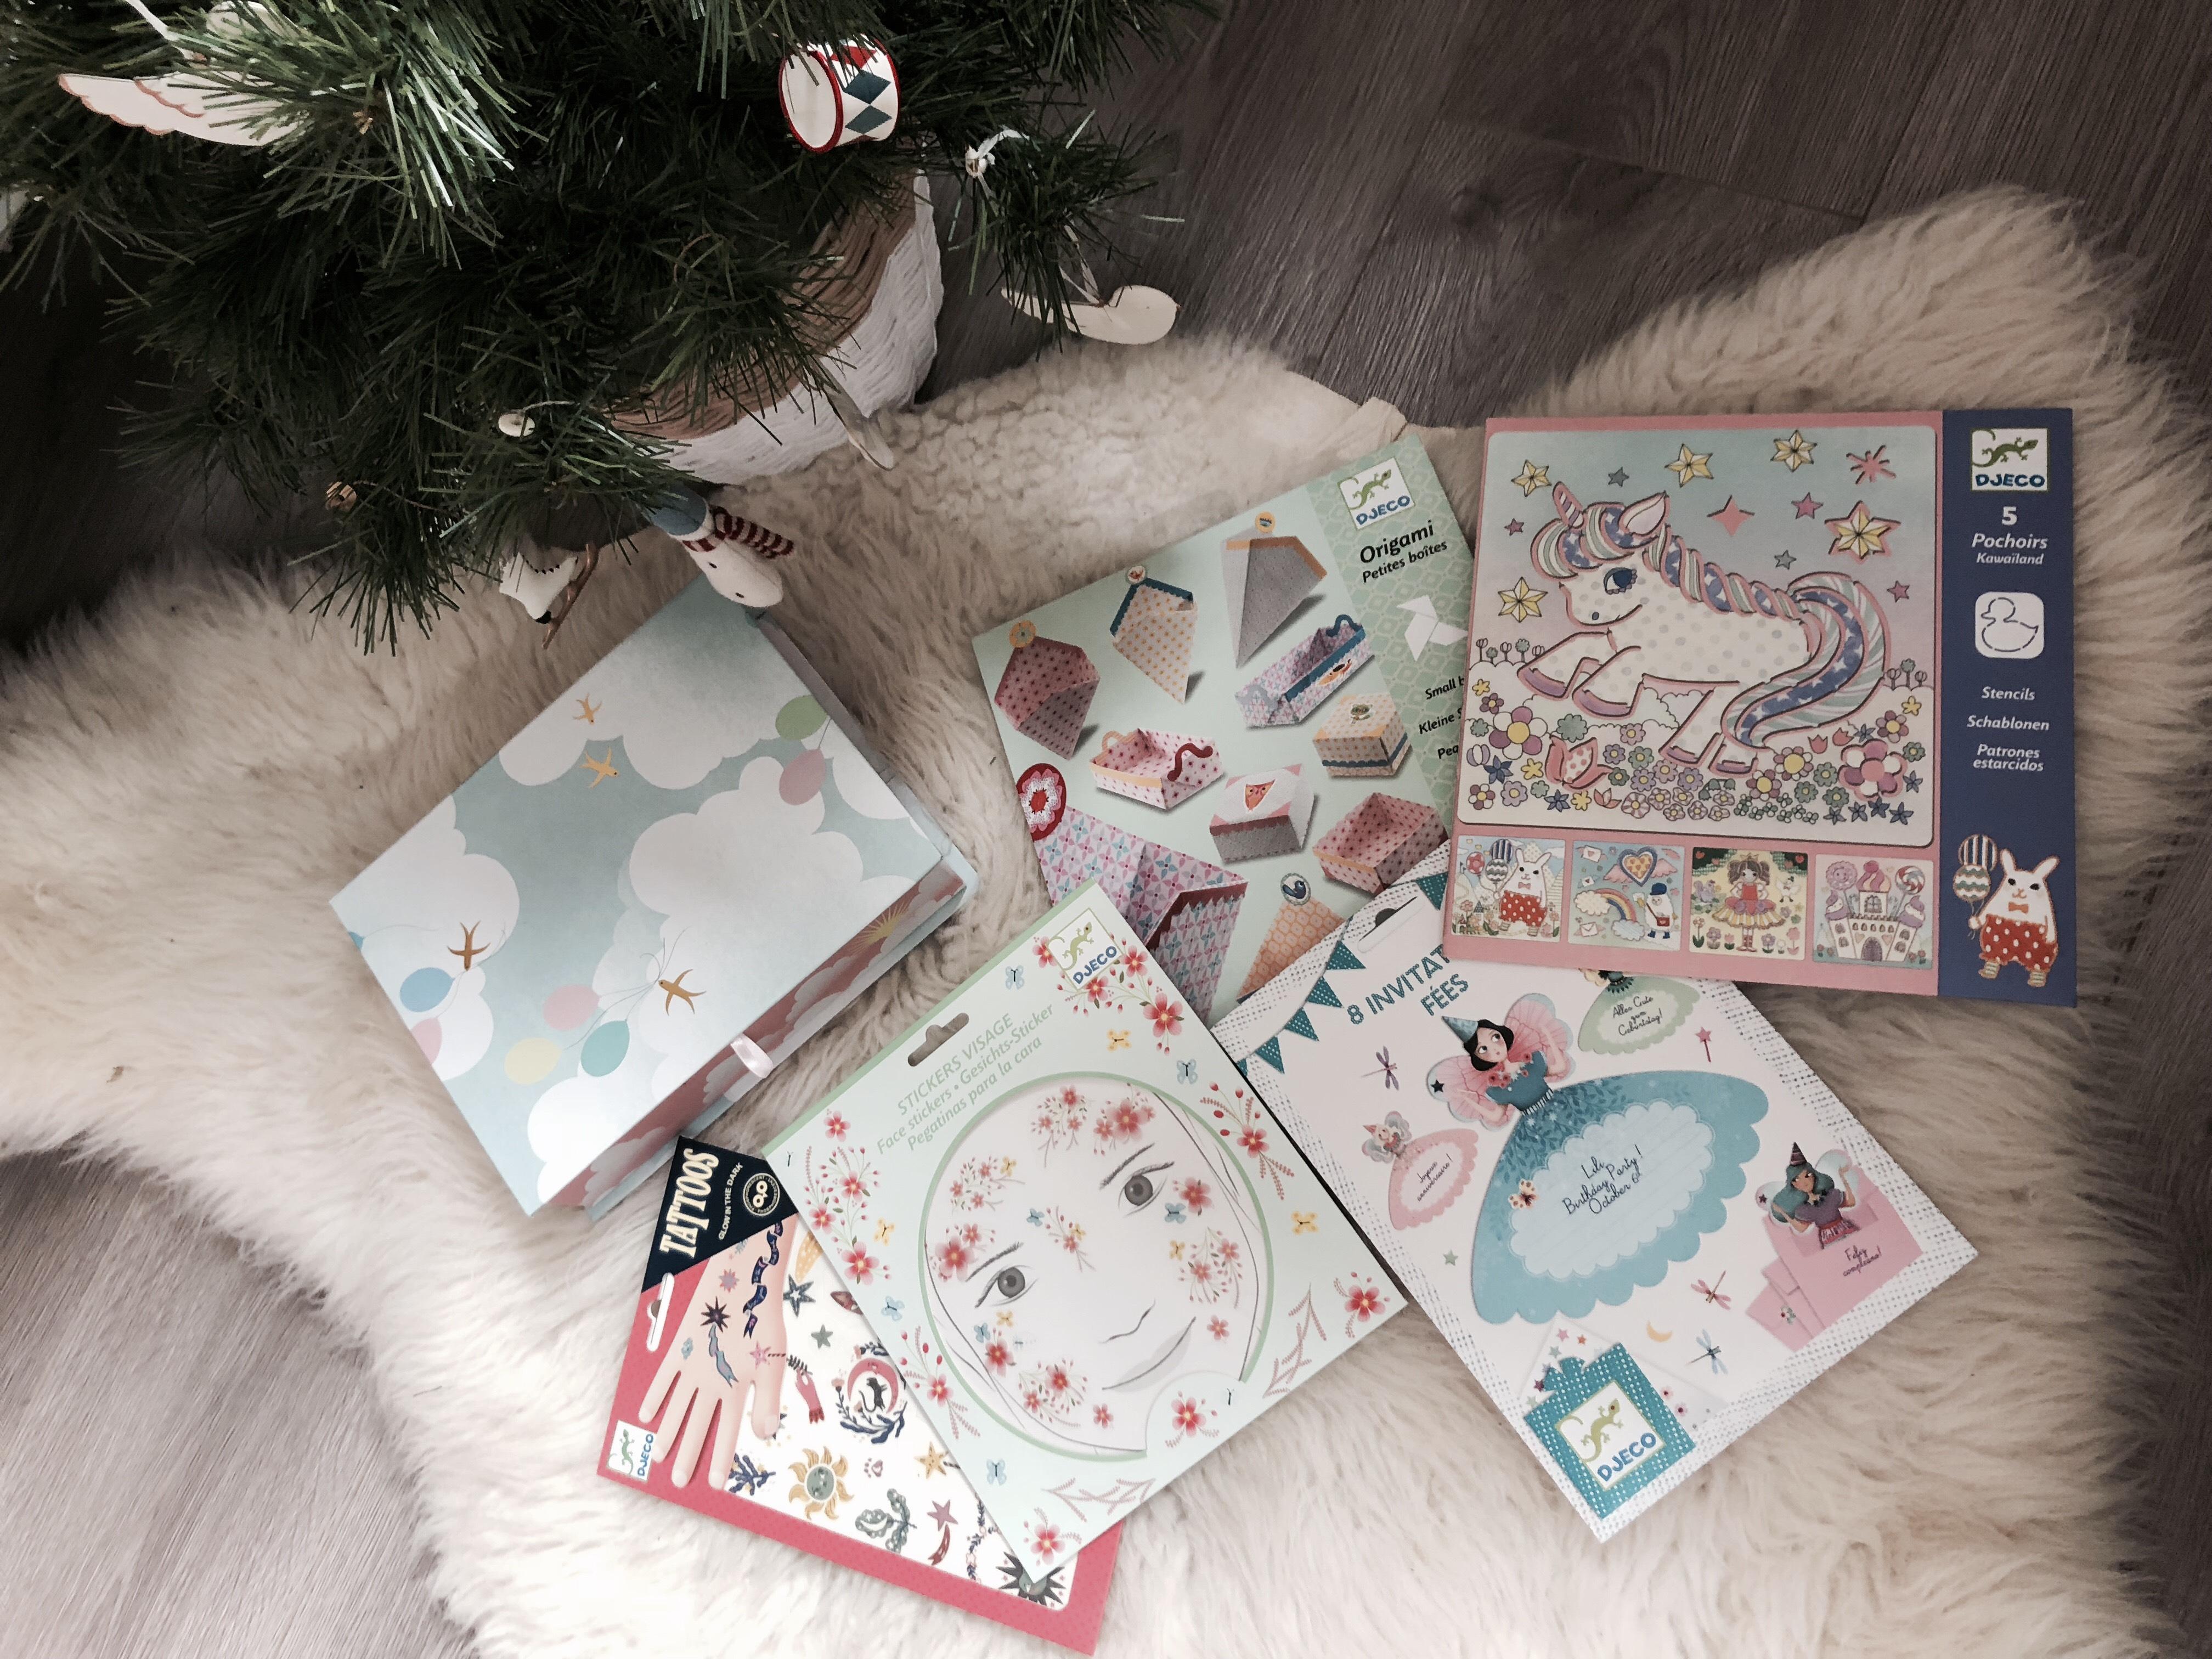 6c4a7883958a41 Origami oraz Zestaw na drobne prezenty – idealna rzecz dla dzieci lubiących  prace manualne, tak jak moja Zosia. Kolorowe kartki które w łatwy sposób ...